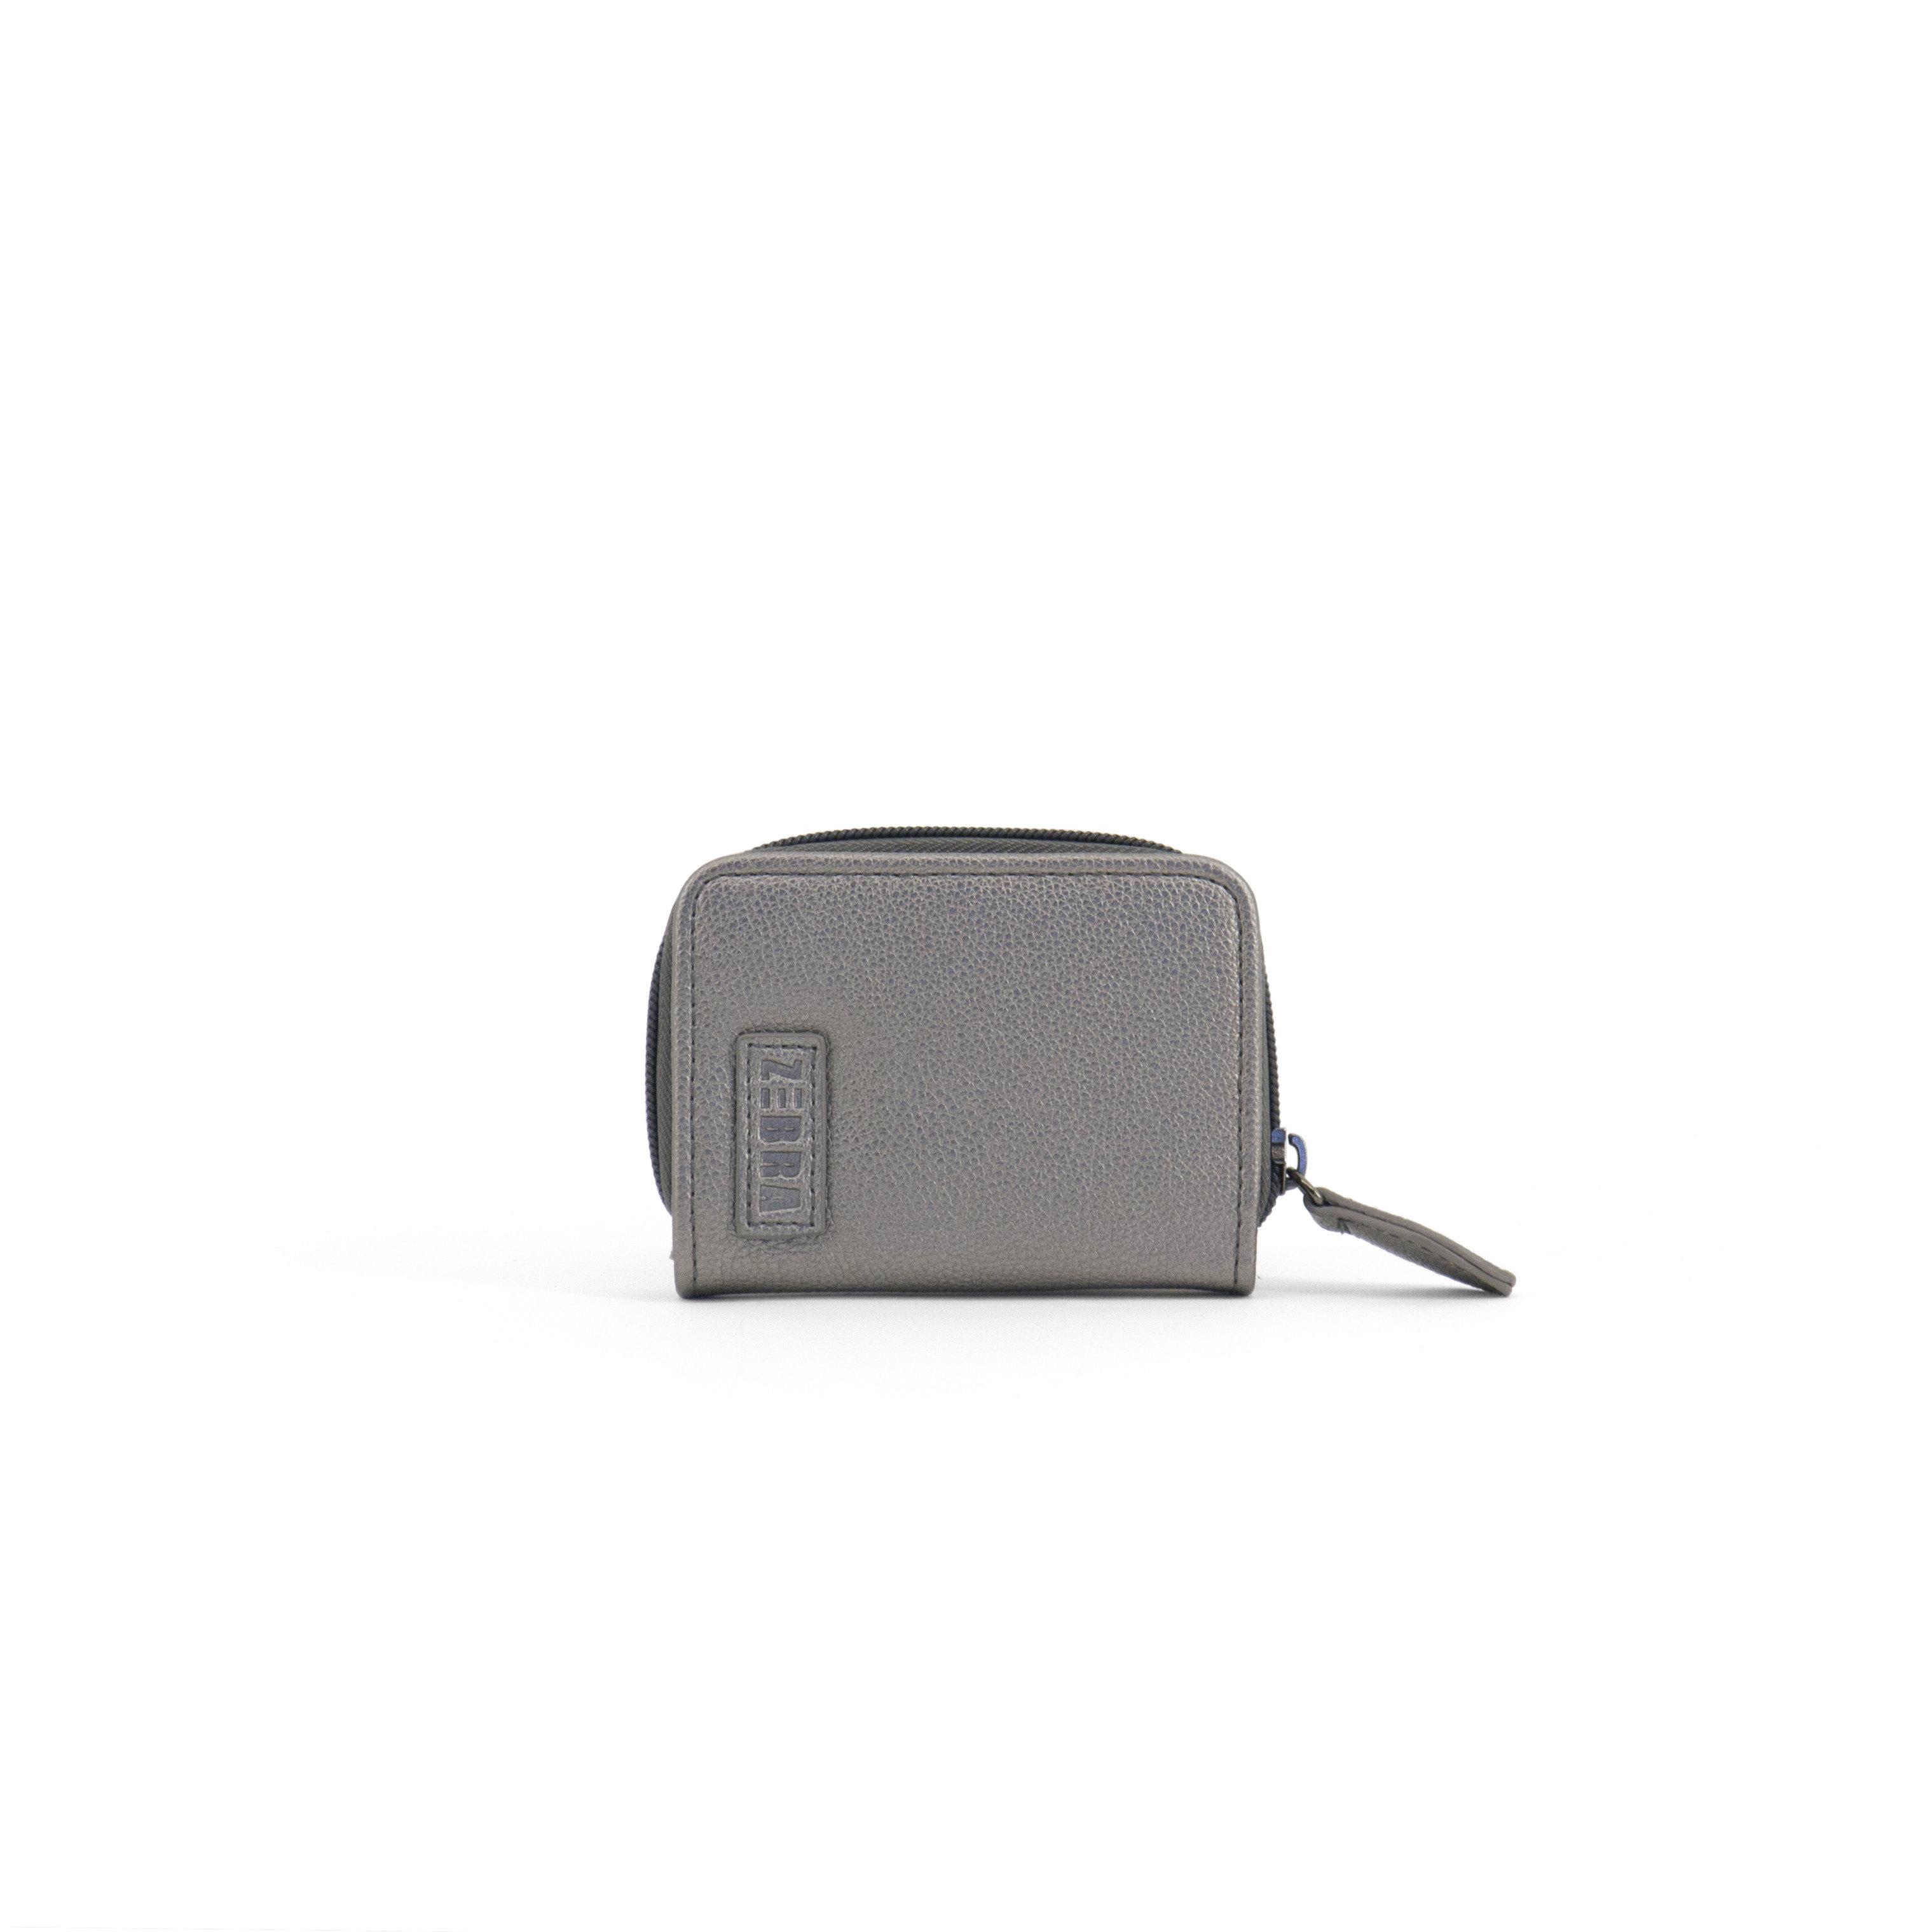 911c415a7ae Zusss - Leuke portemonnee bruine schub - No. 28 wonen & lifestyle